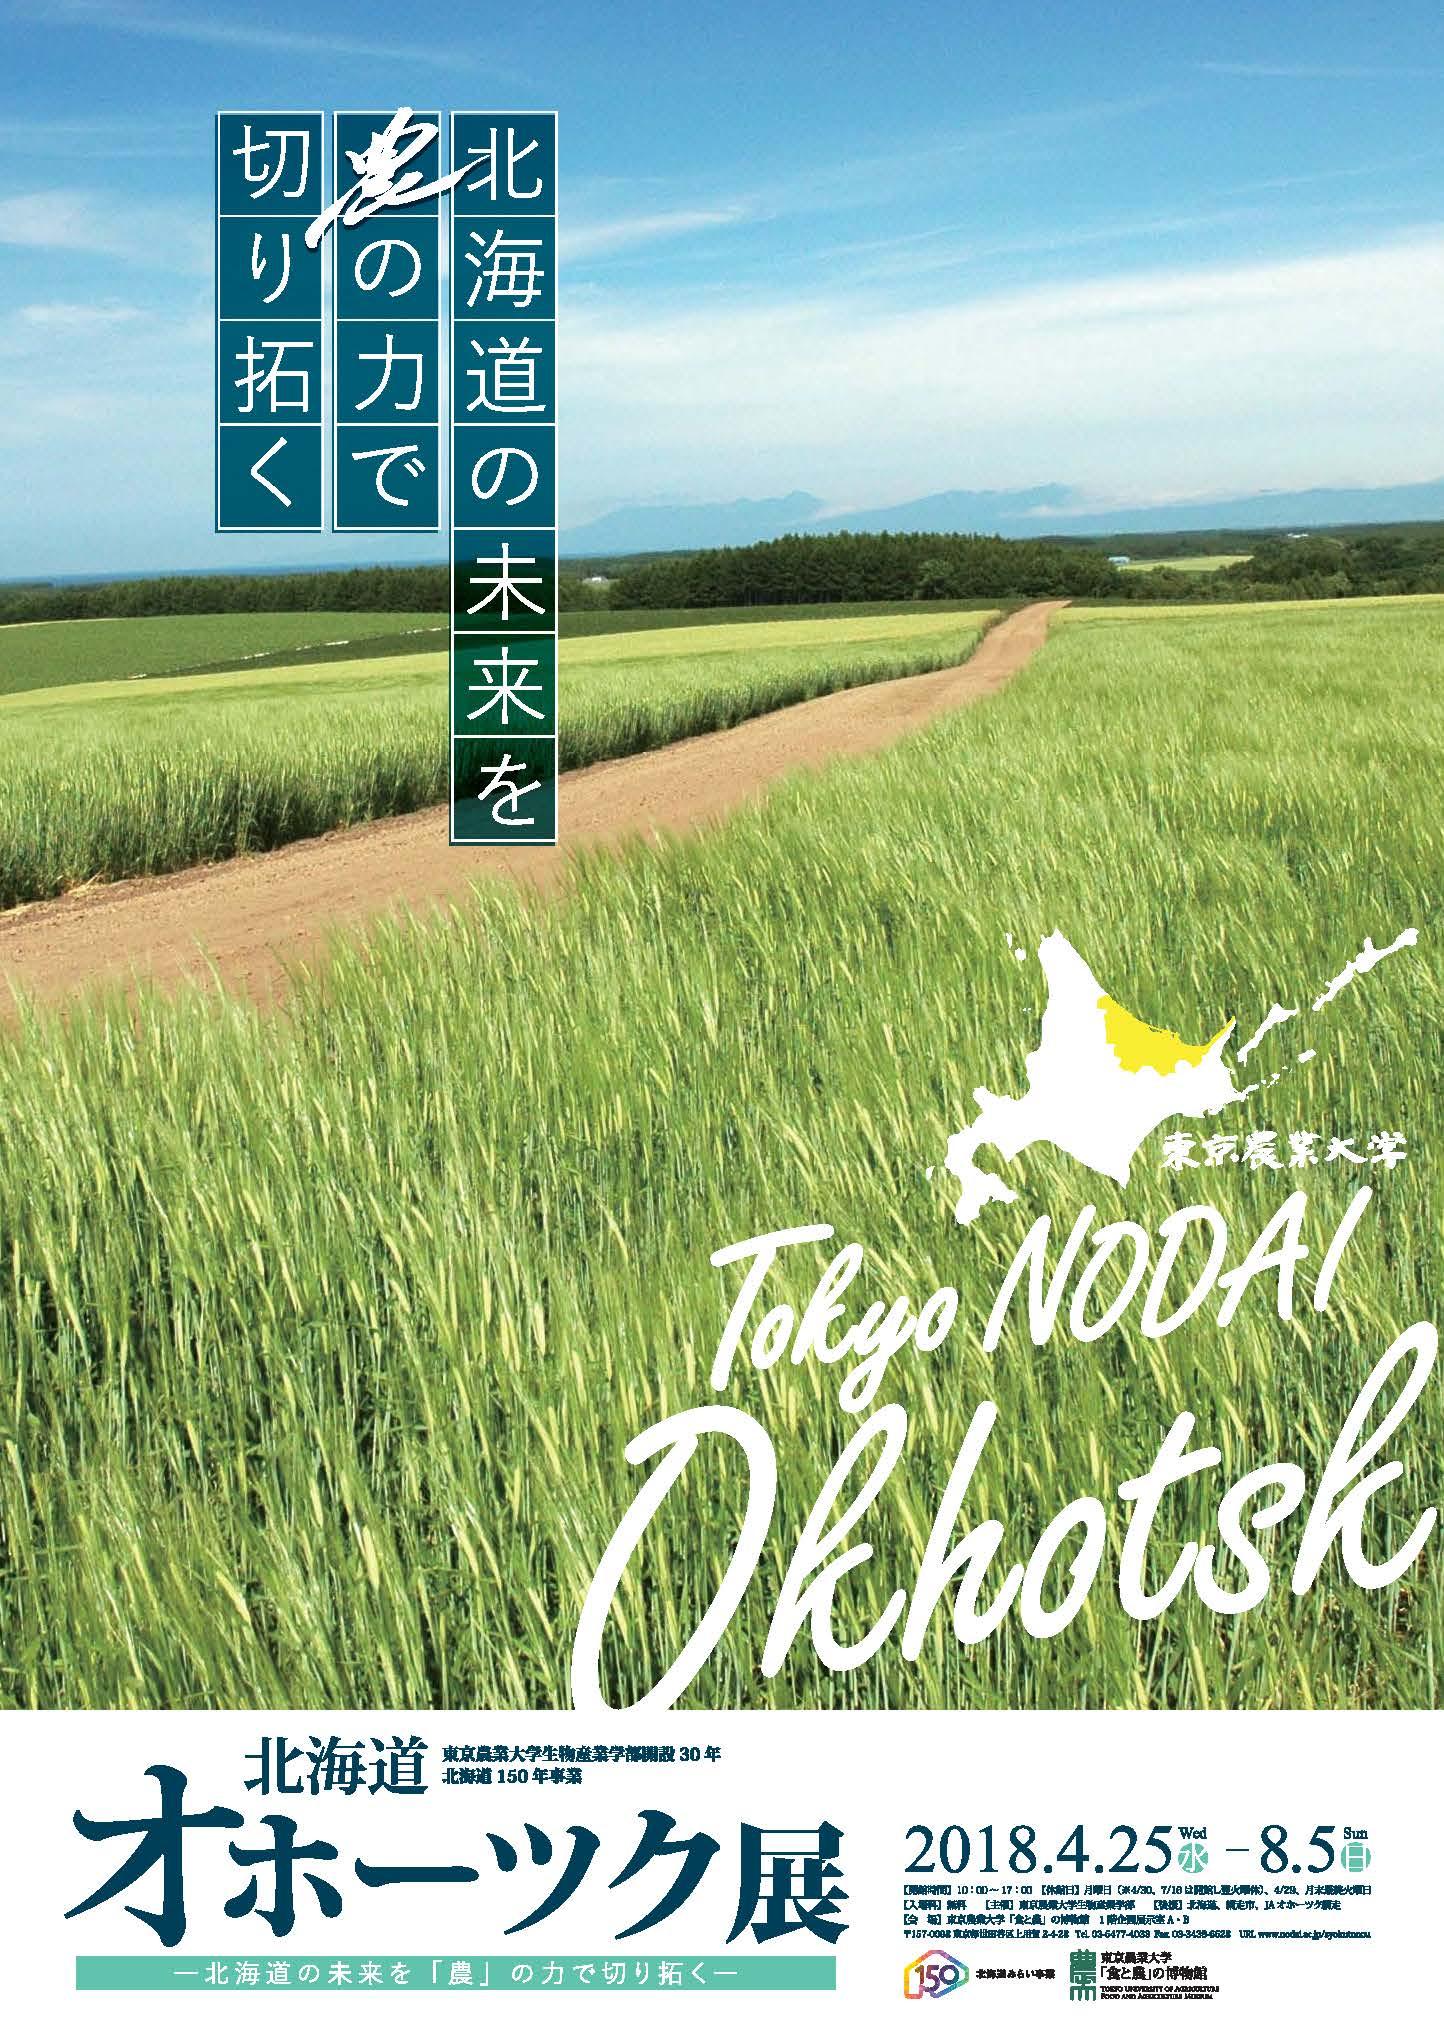 北海道オホーツク展 ―北海道の未来を「農」の力で切り拓く―